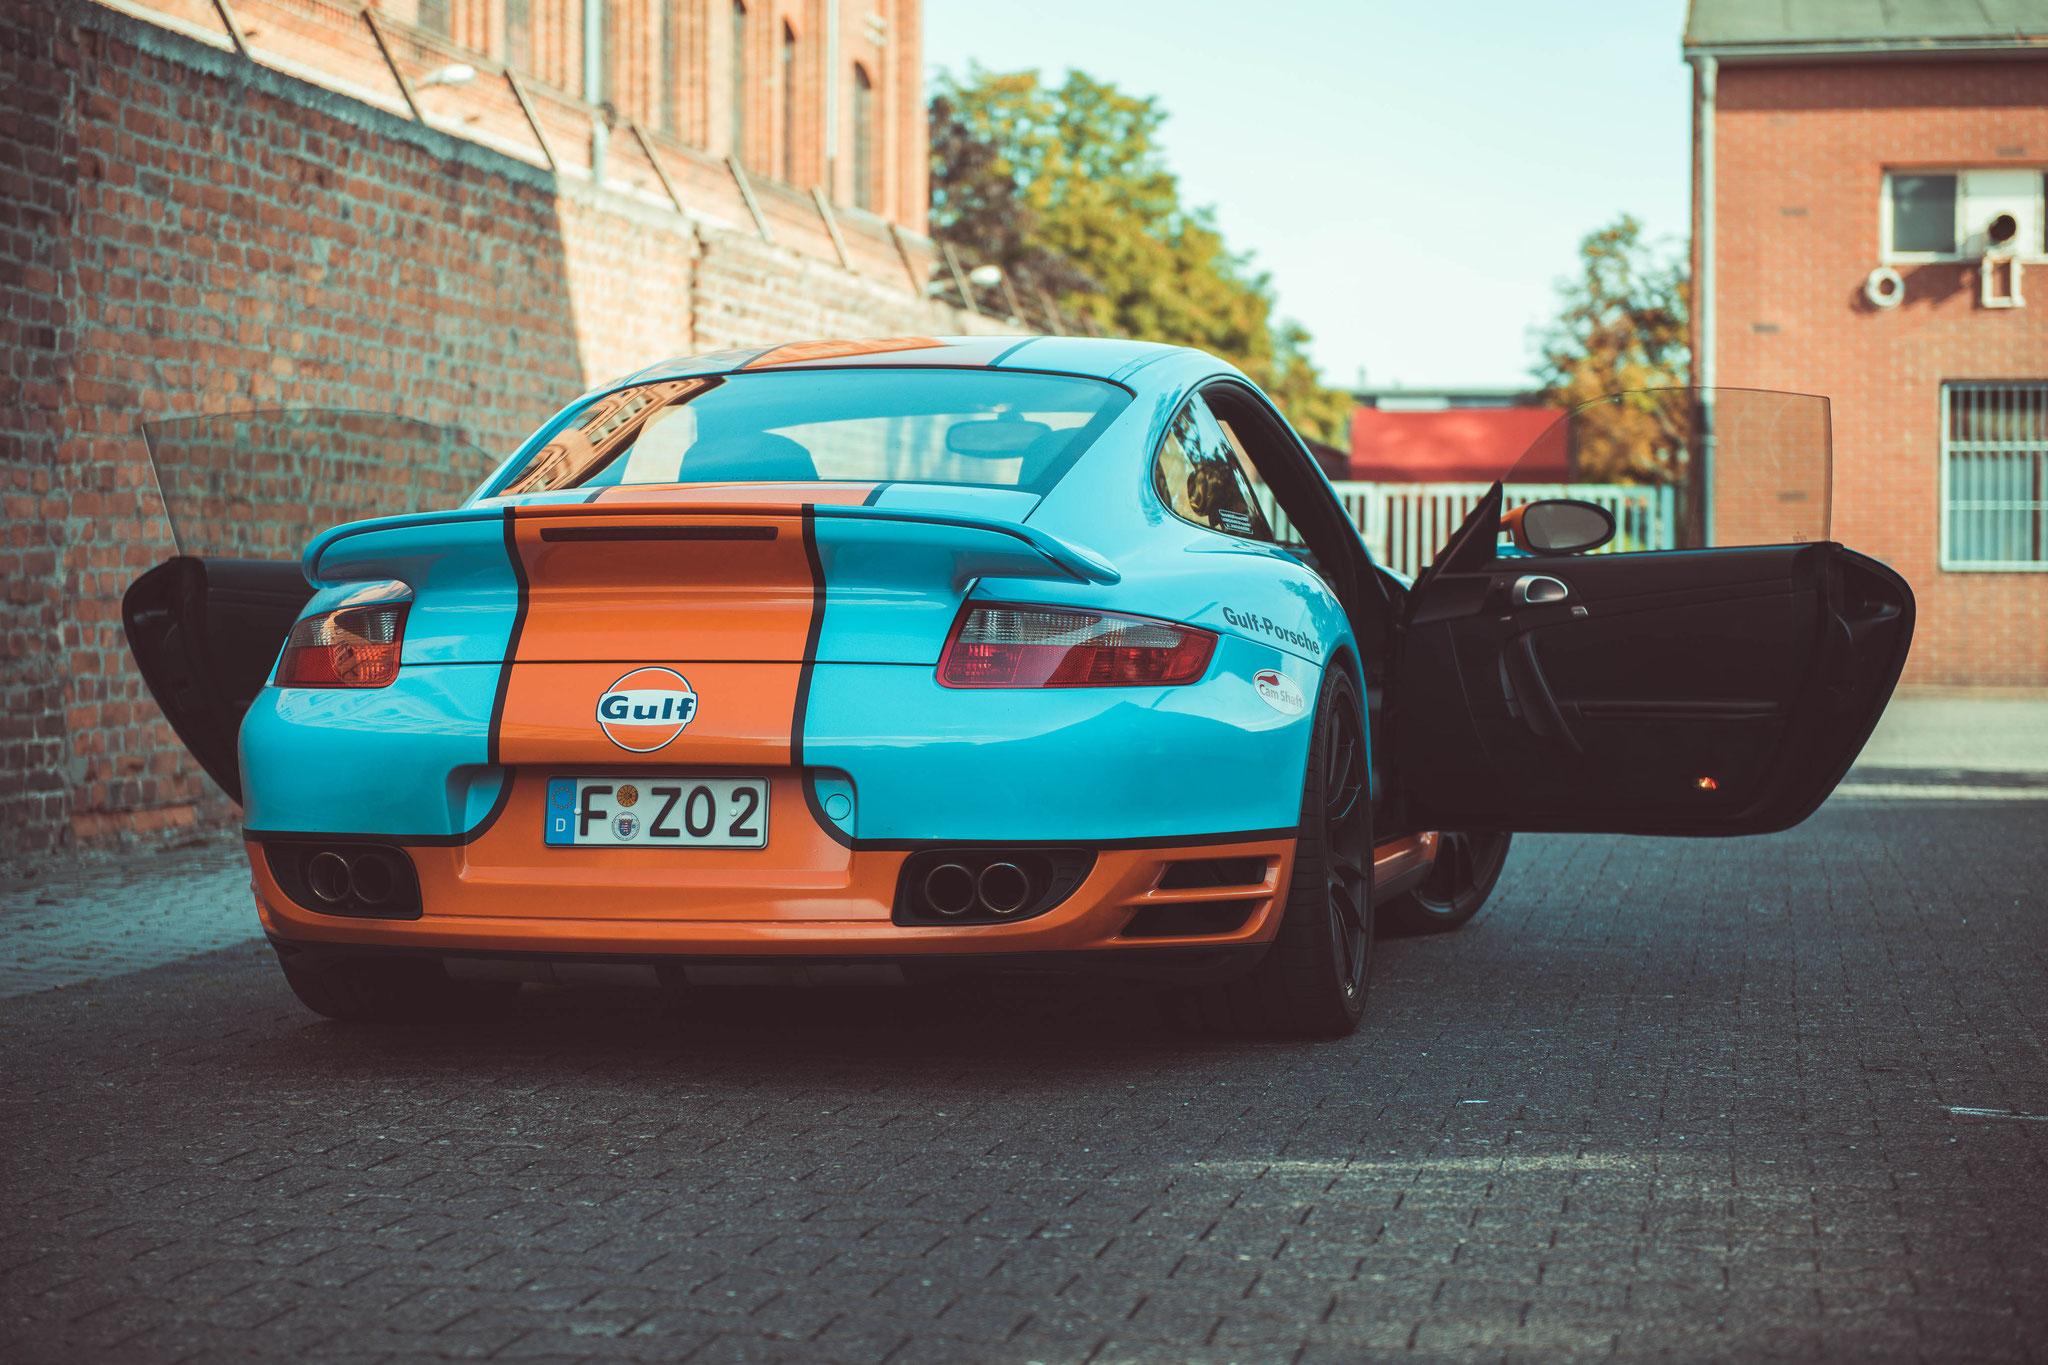 Porsche 997 Turbo von hinten